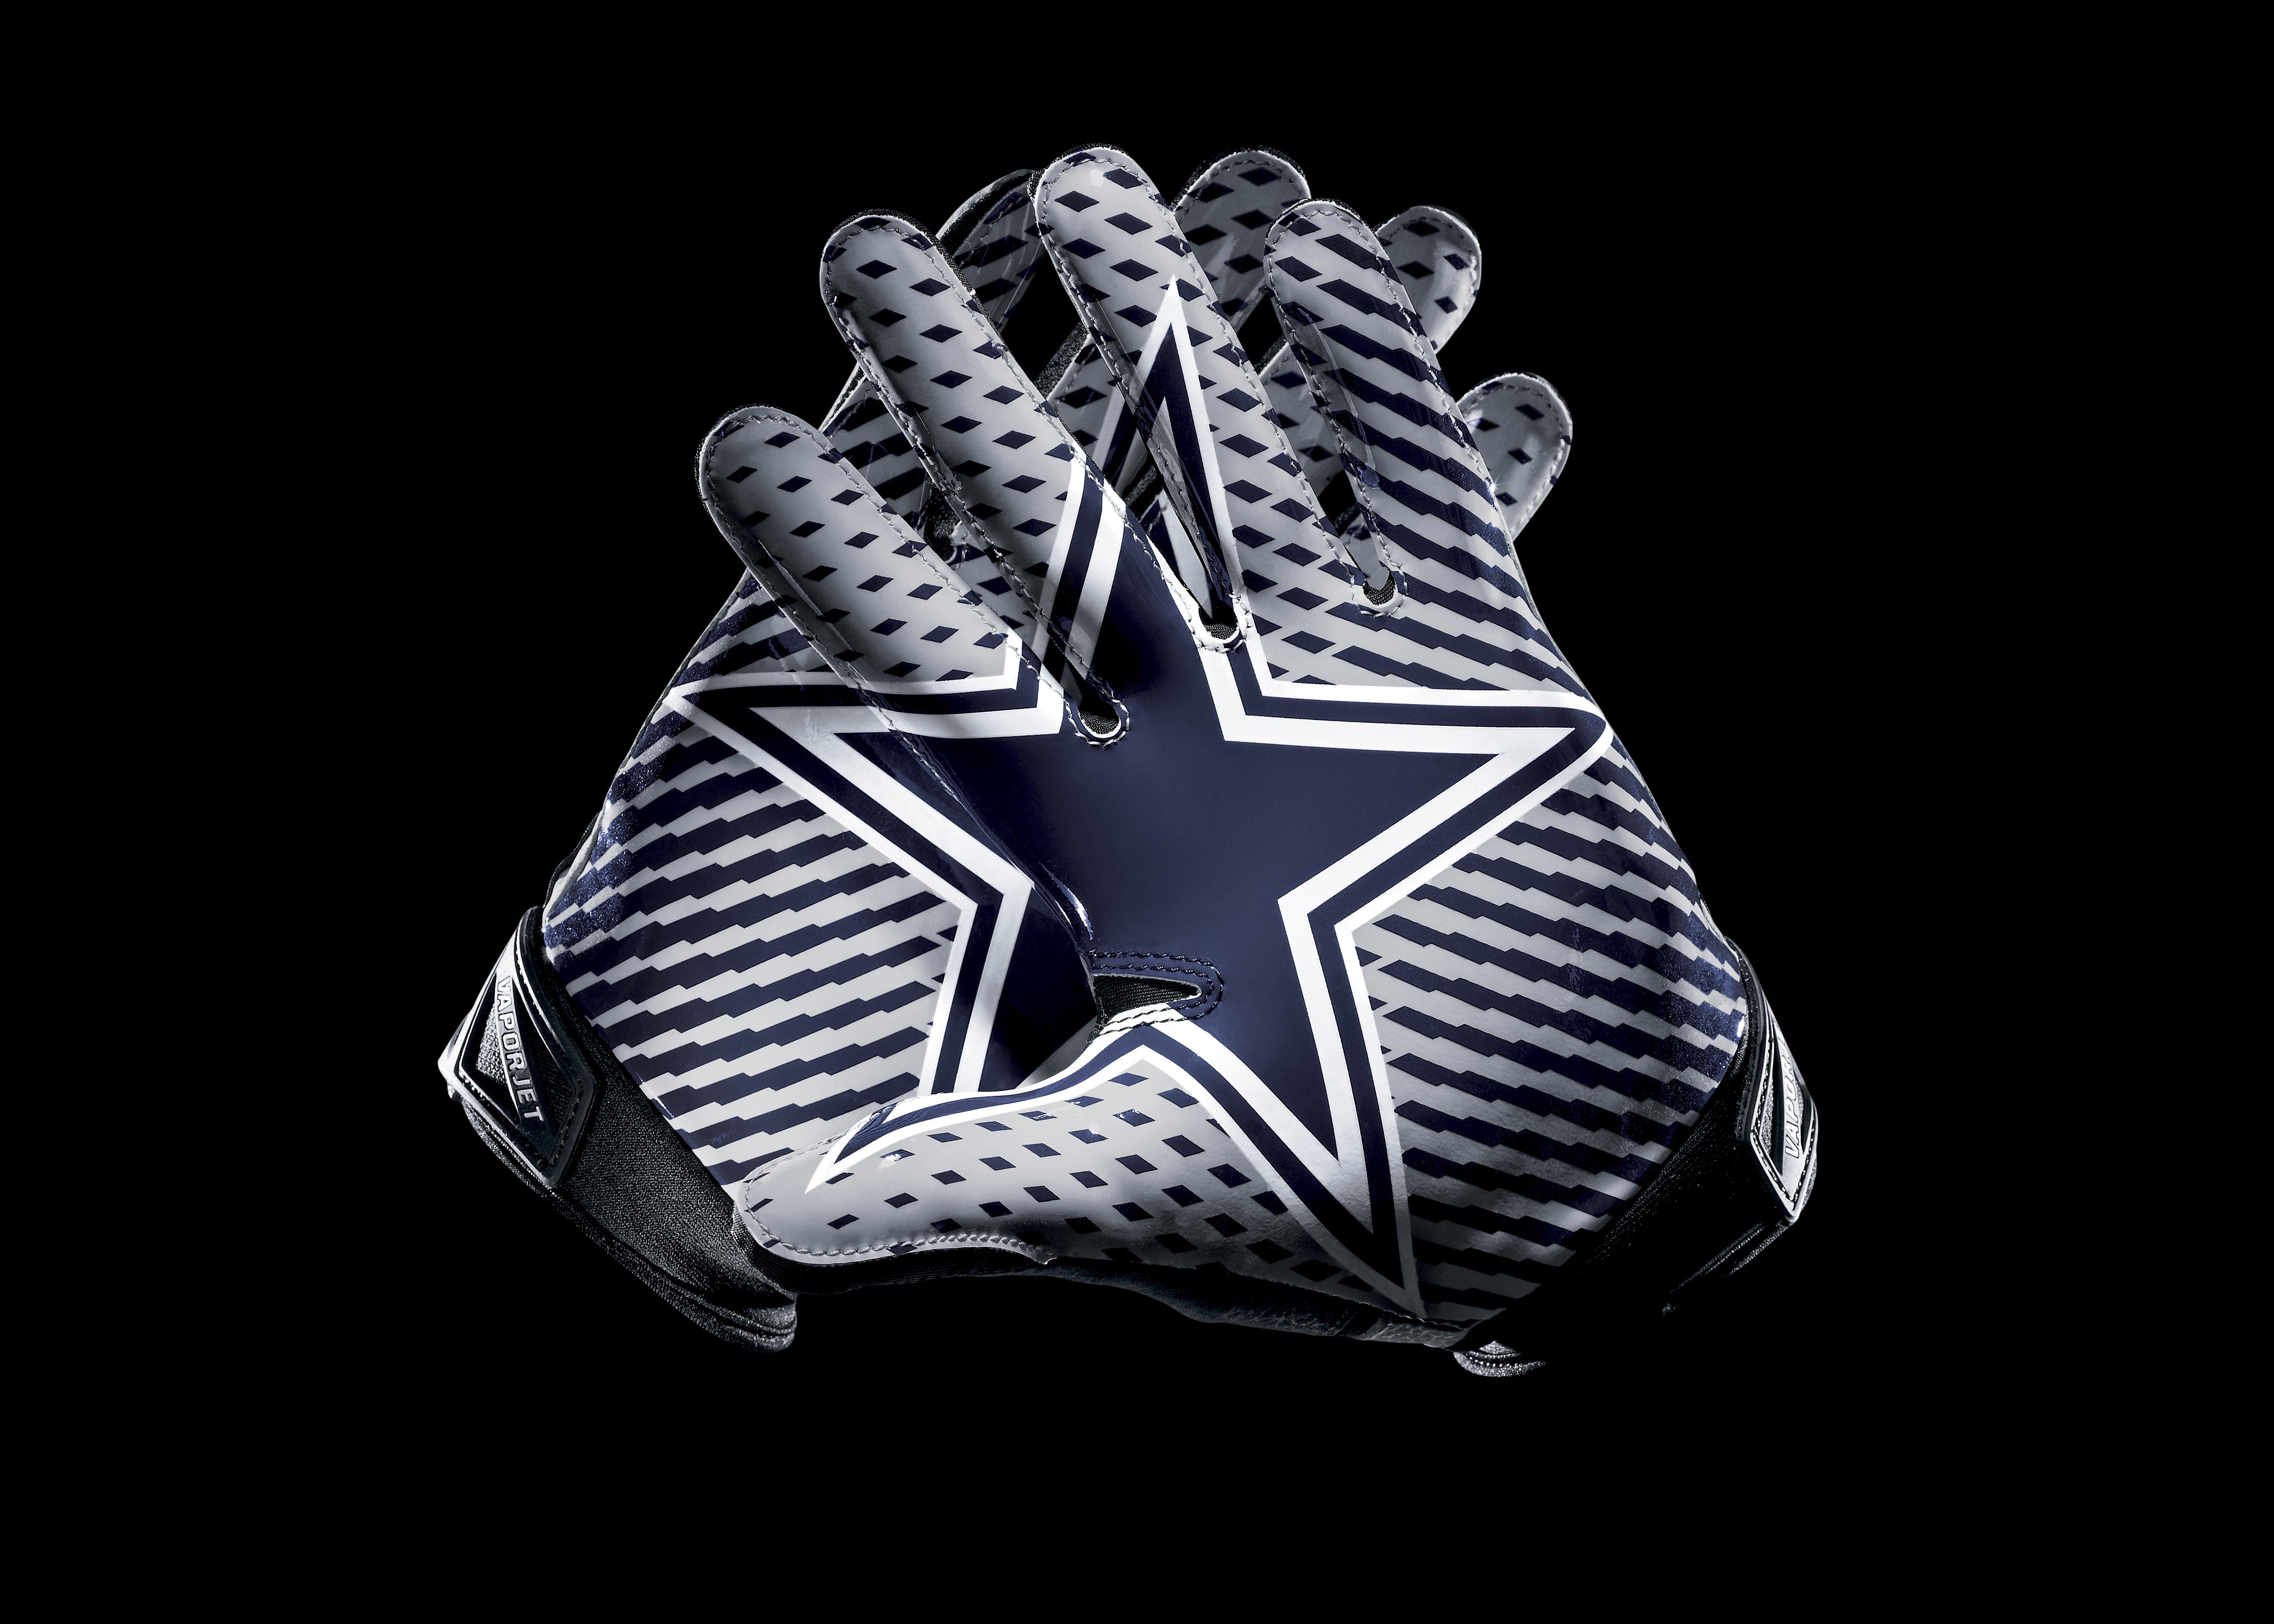 Nike News - Dallas Cowboys 2012 Nike Football Uniform